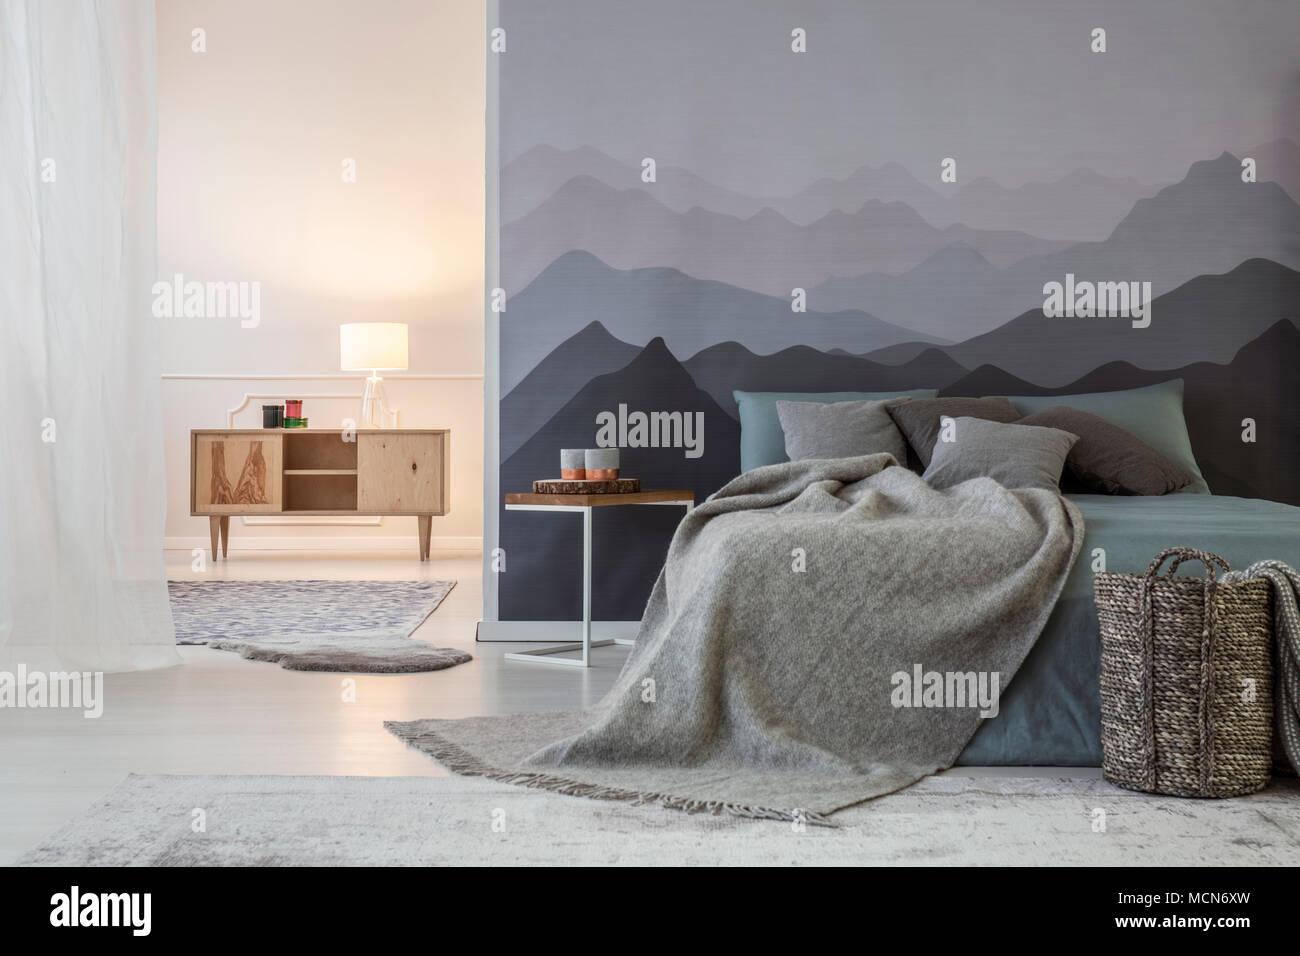 Auf Hölzernen Einbauschrank In Geräumige, Warme Schlafzimmer Innenraum Mit  Grau Bett Gegen Berg Wandleuchte